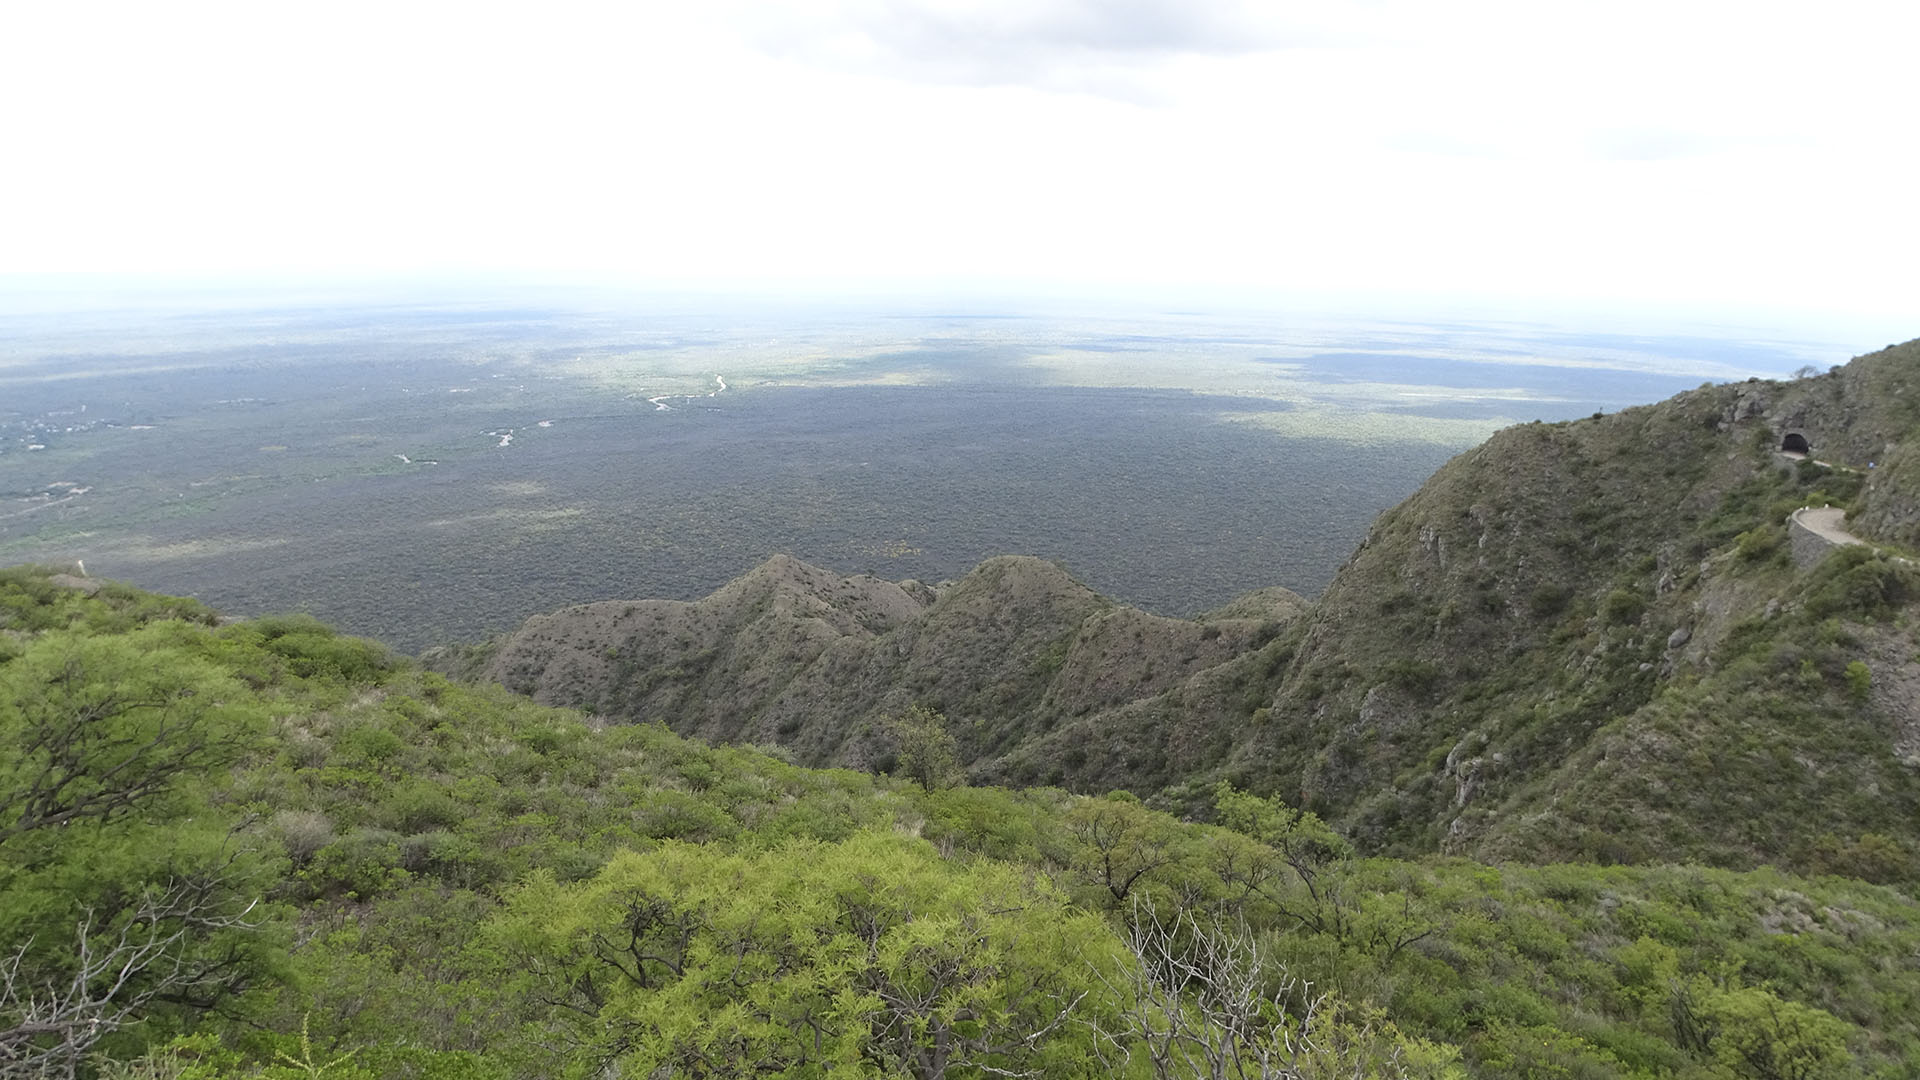 El río Mina Clavero atraviesa el imponente Valle de Traslasierra